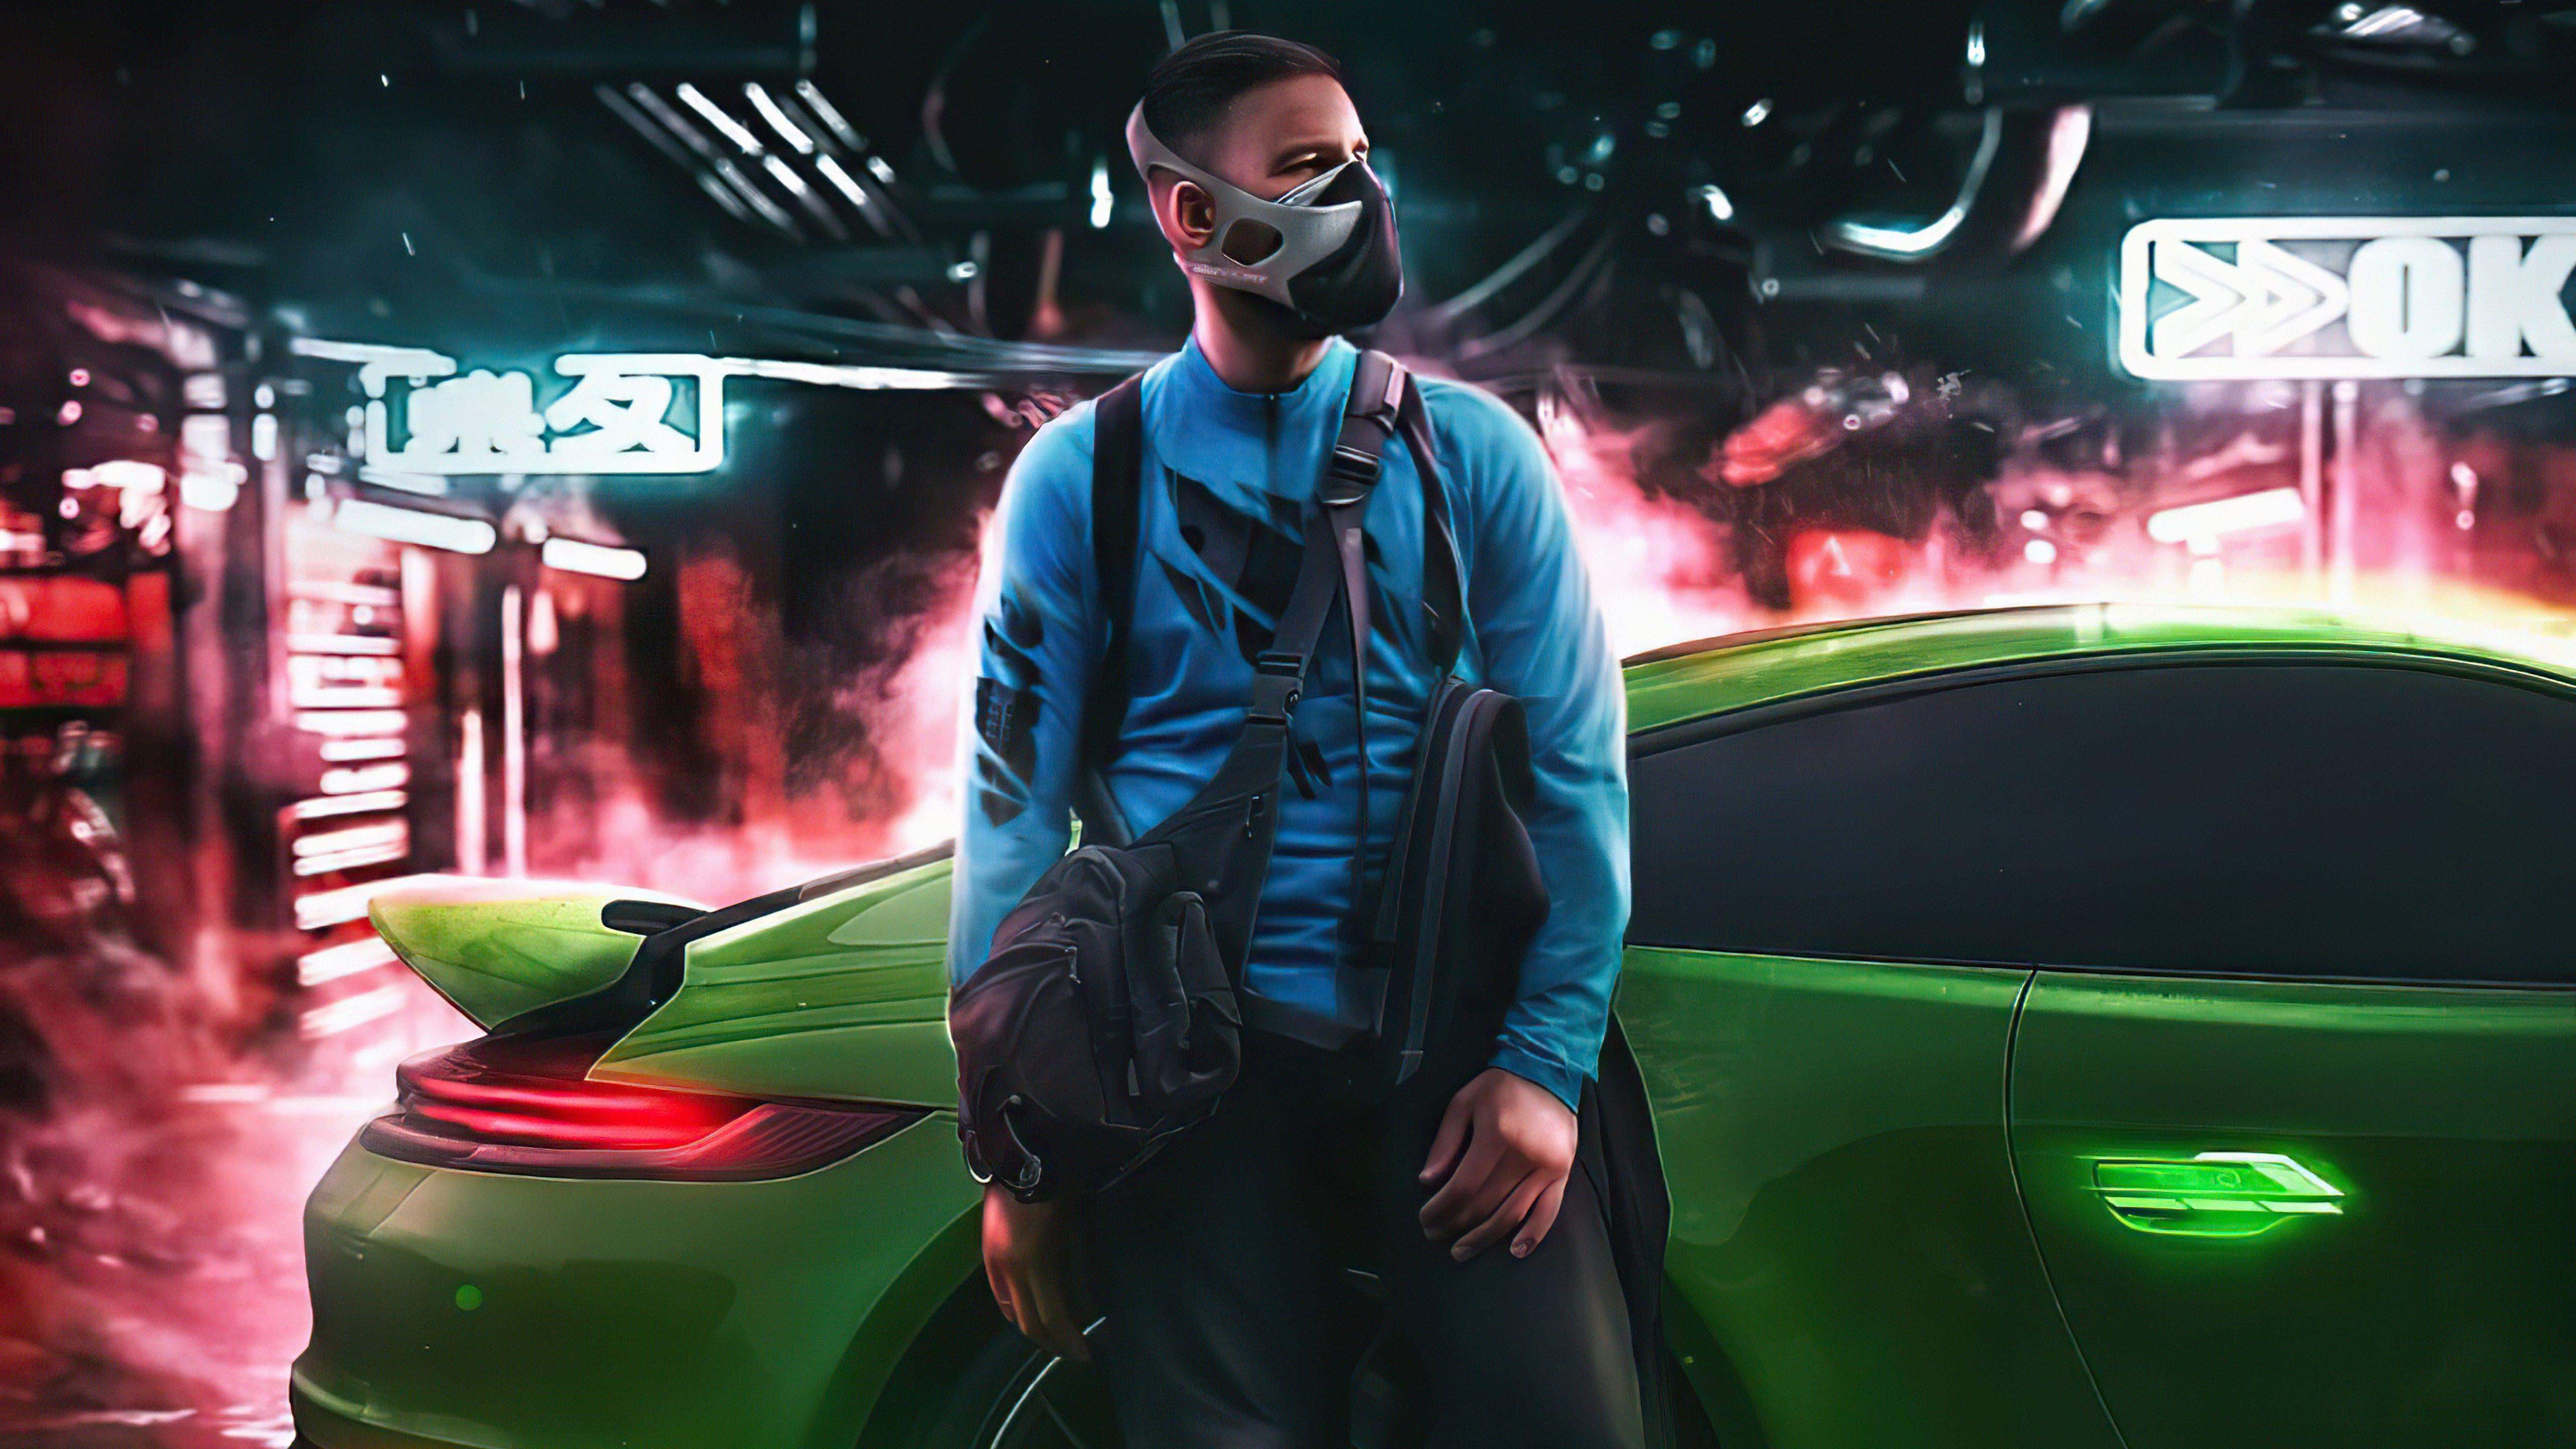 Fondos de pantalla Cyberpunk Chico con mascara con Porsche